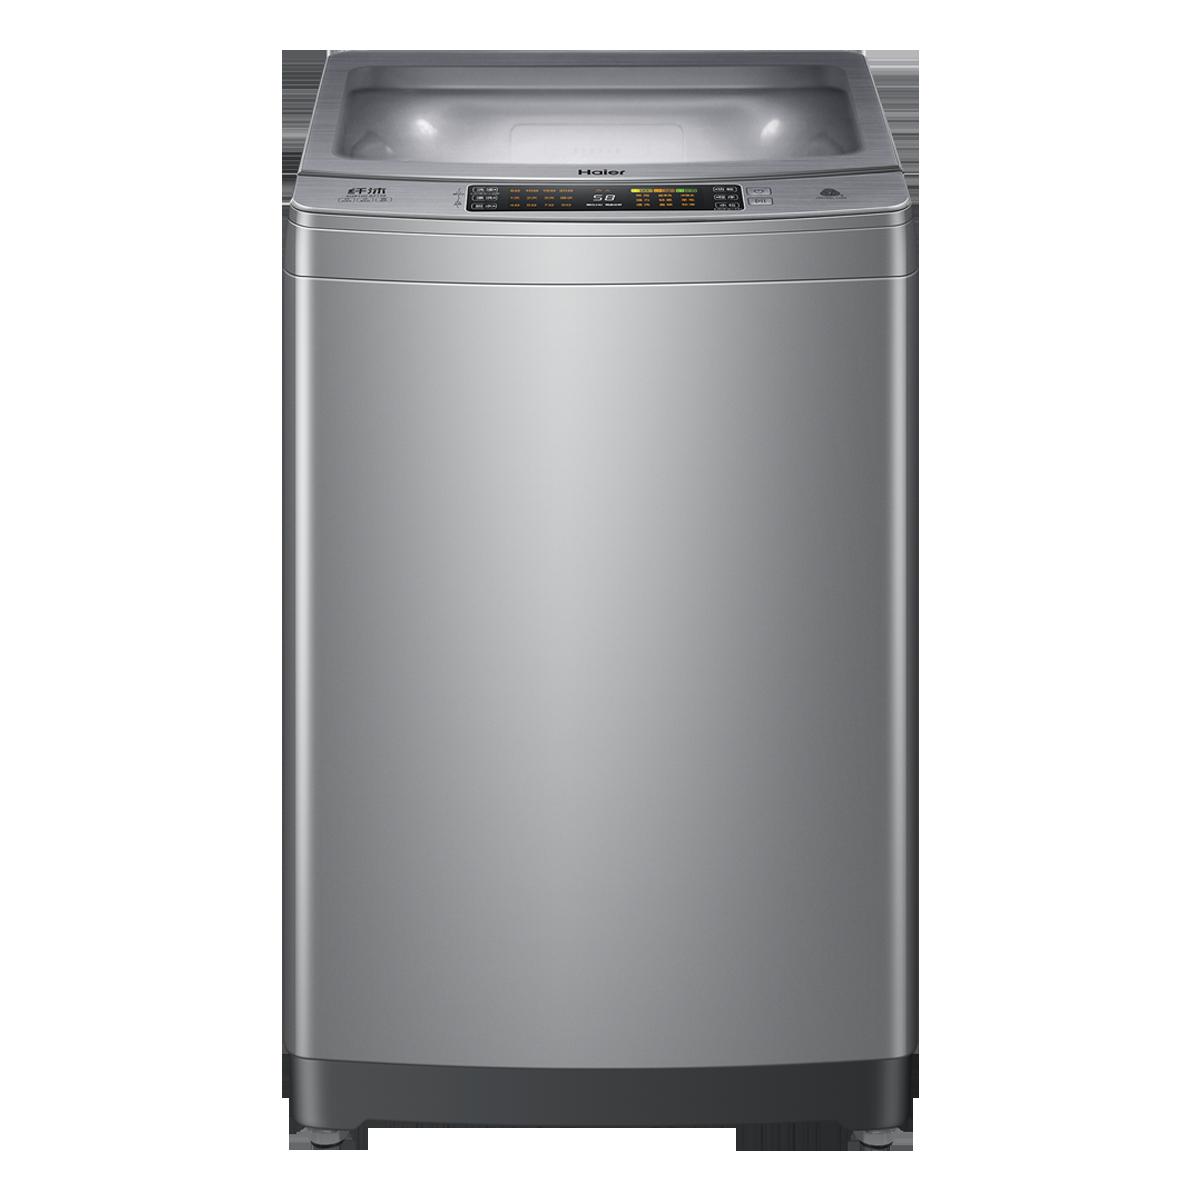 海尔Haier洗衣机 XQB100-BZ158 说明书